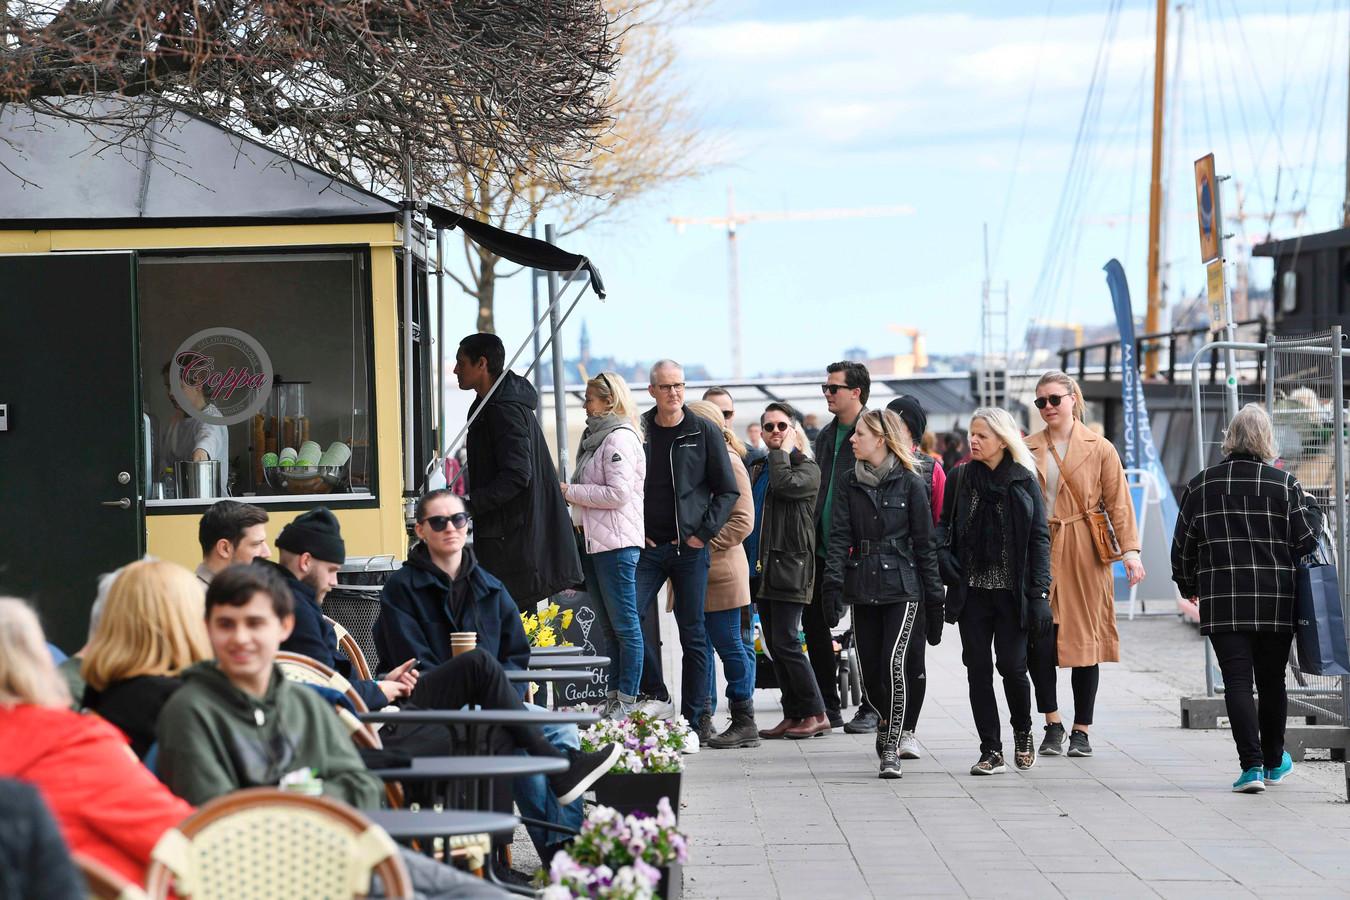 Zweden vandaag in de rij voor een ijsje op de boulevard Norr Mälarstrand, hartje Stockholm.